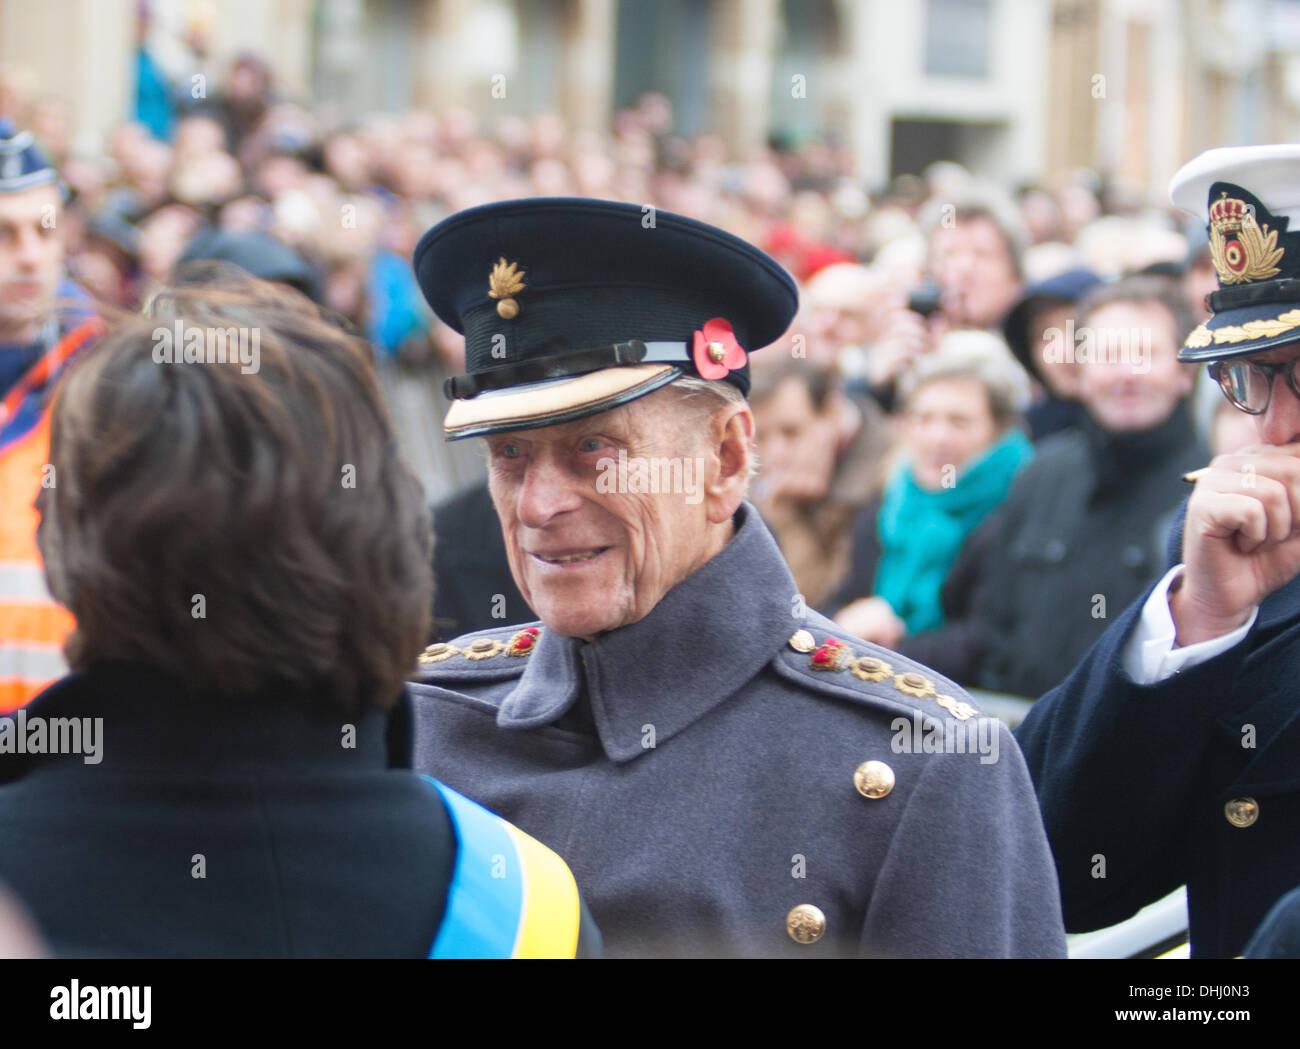 """Ypres, Bélgica - 11 de noviembre de 2013 - Su Alteza Real el Duque de Edimburgo en Ypres Menin Gate Ceremonia de """"El encuentro de la Tierra' para los campos de Flandes Memorial Garden - Caroline Vancoillie /Alamy Live News Imagen De Stock"""